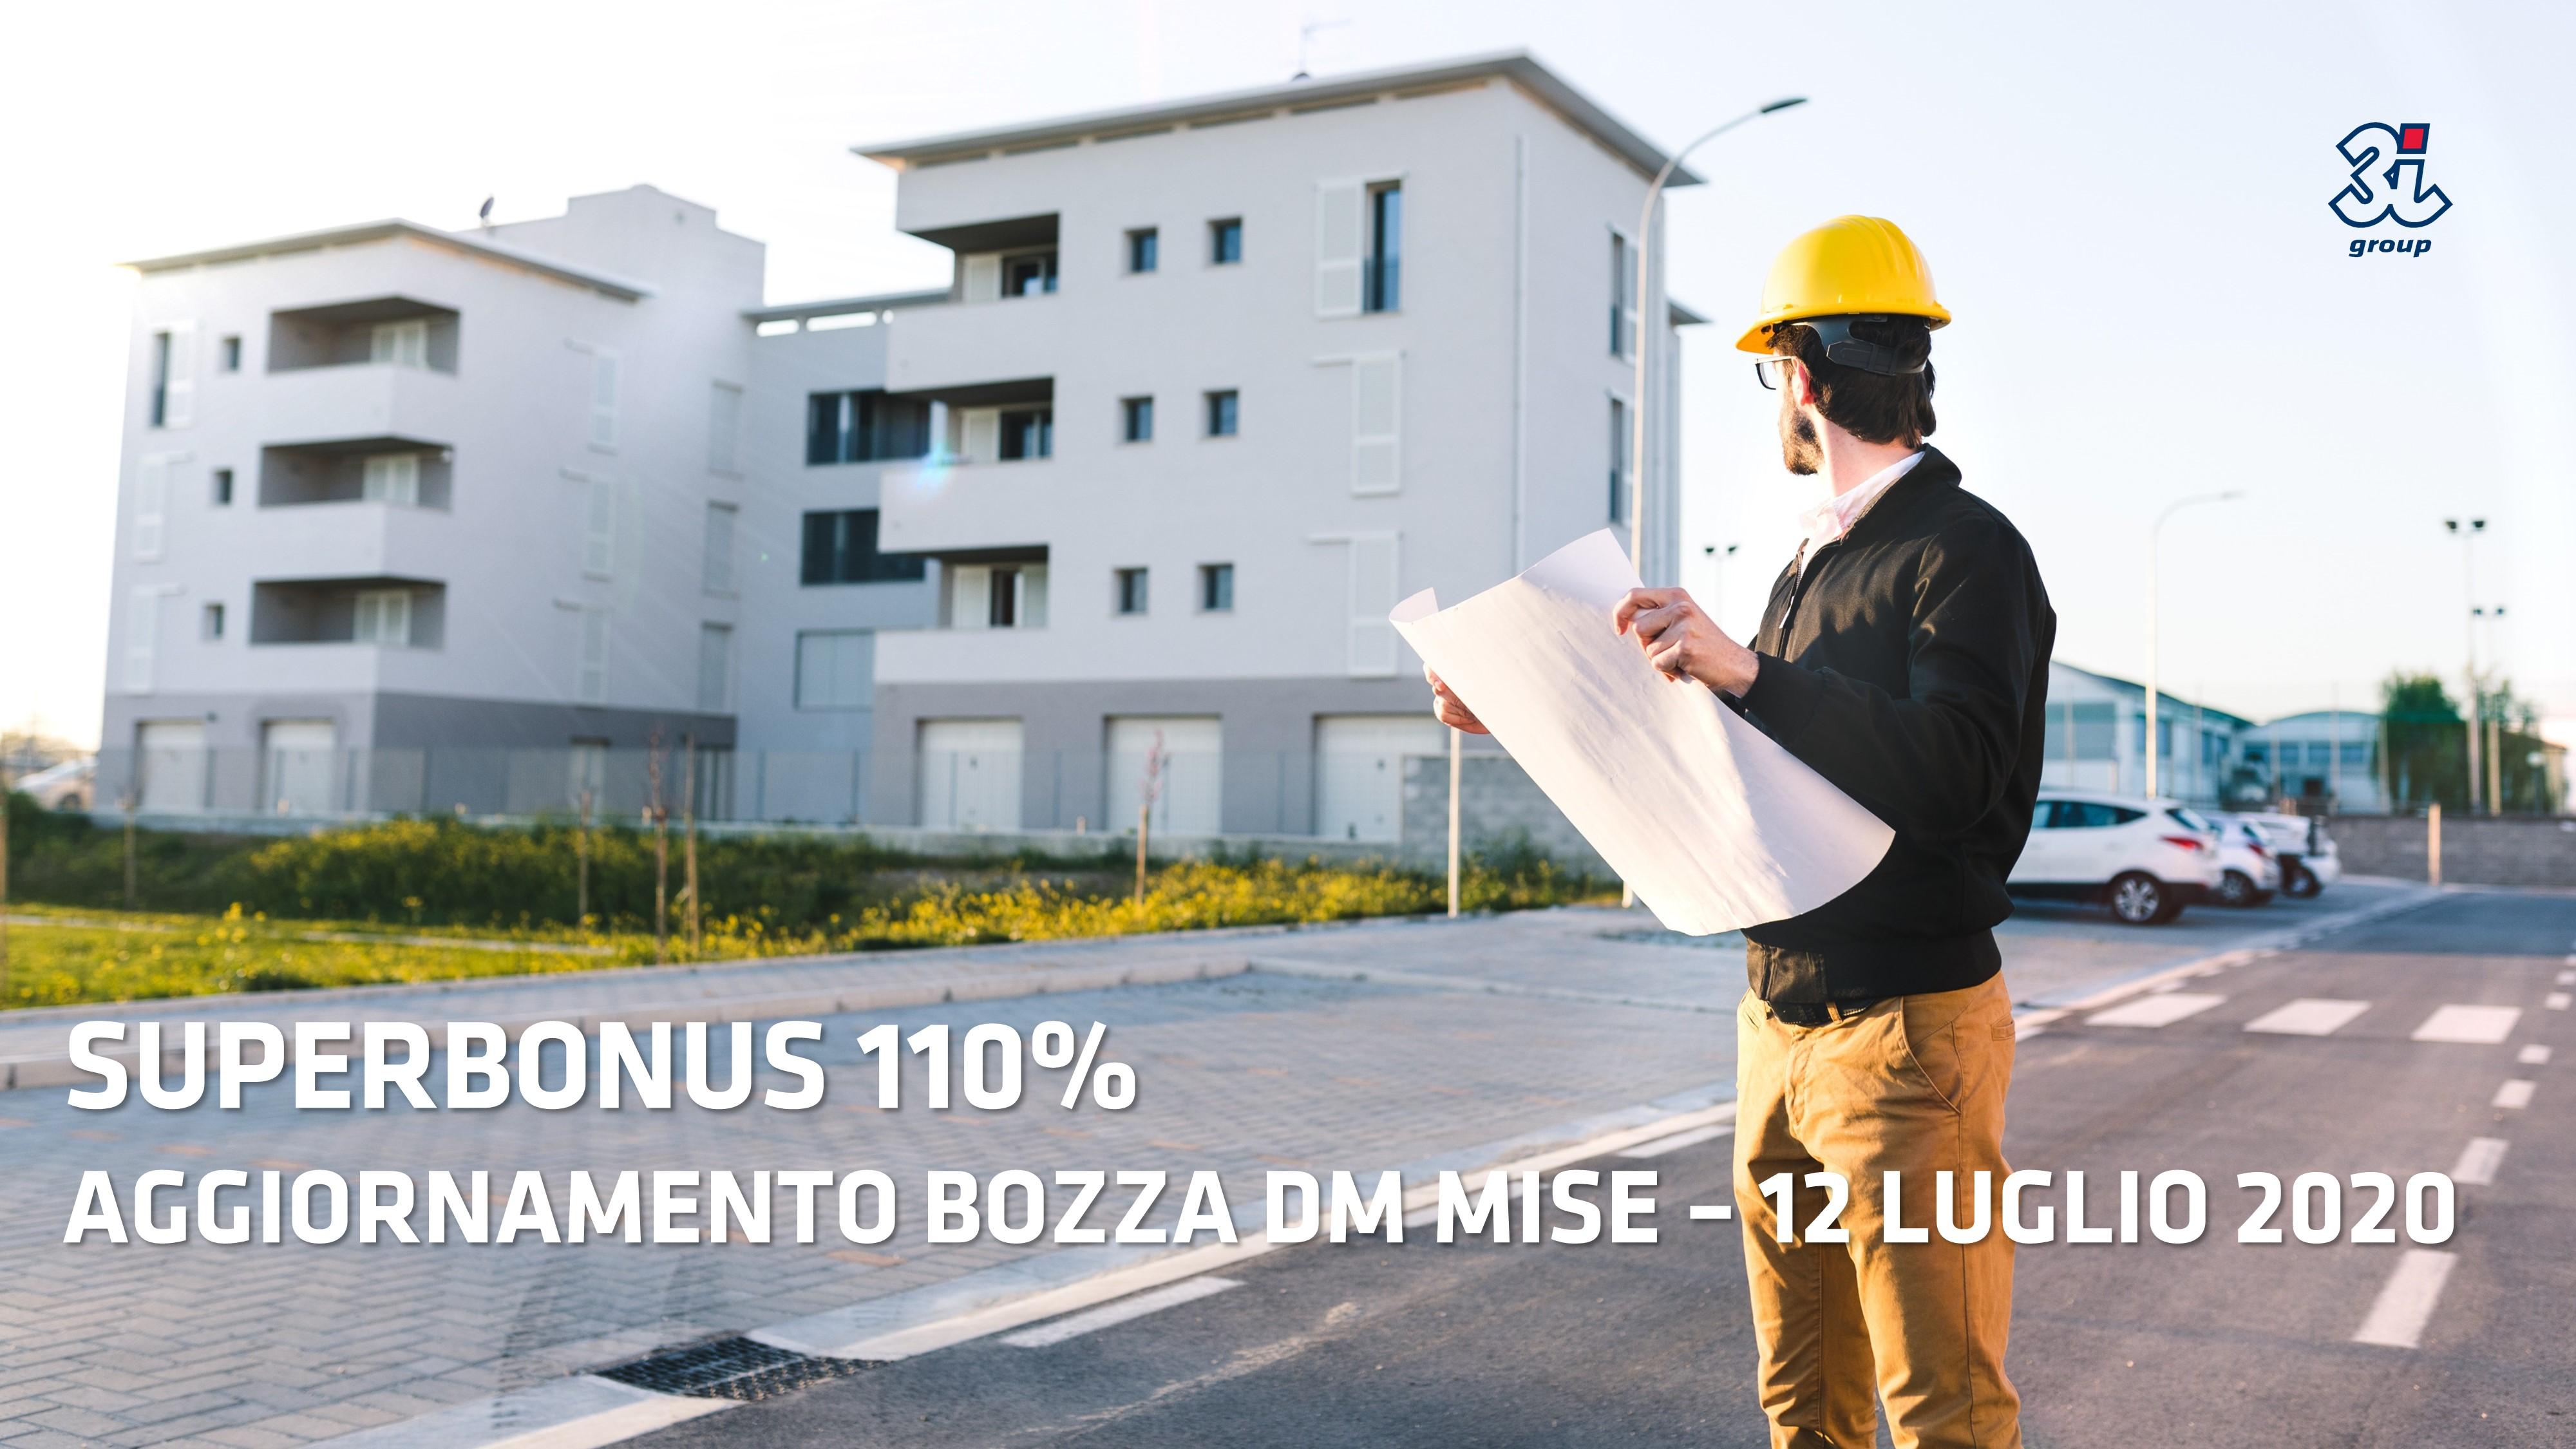 Superbonus 110% – Aggiornamento 12 luglio